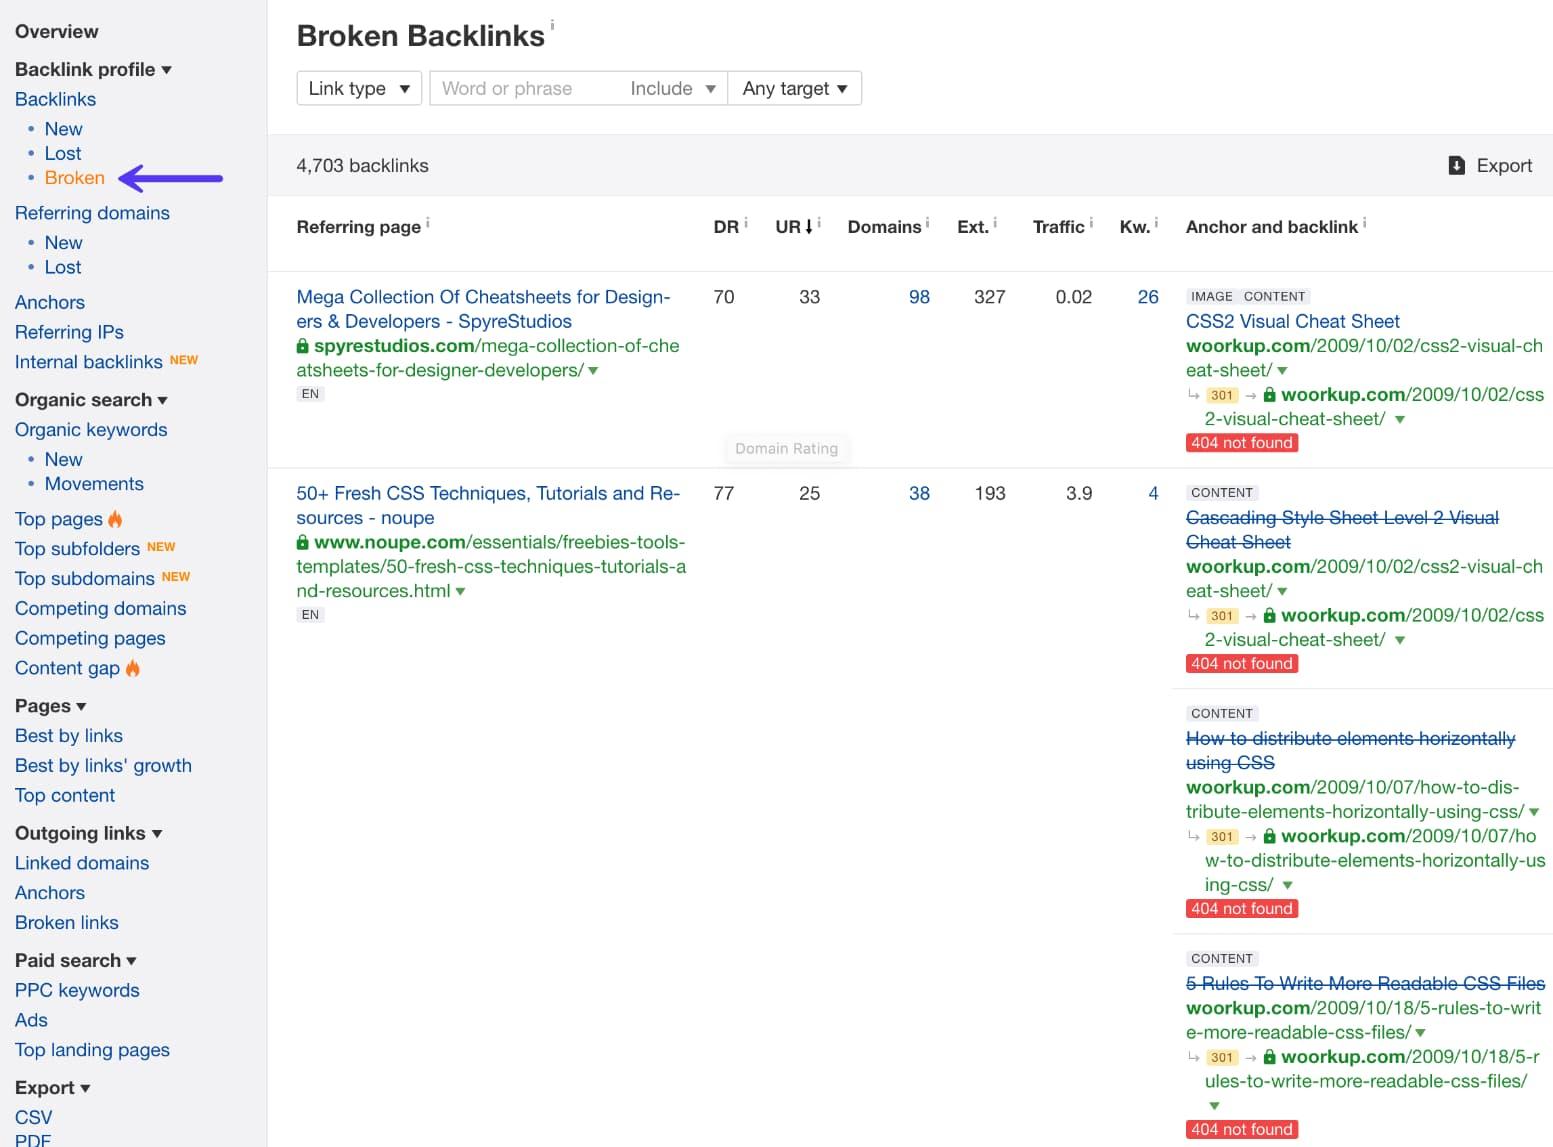 Perfil de backlinks Ahrefs – links quebrados